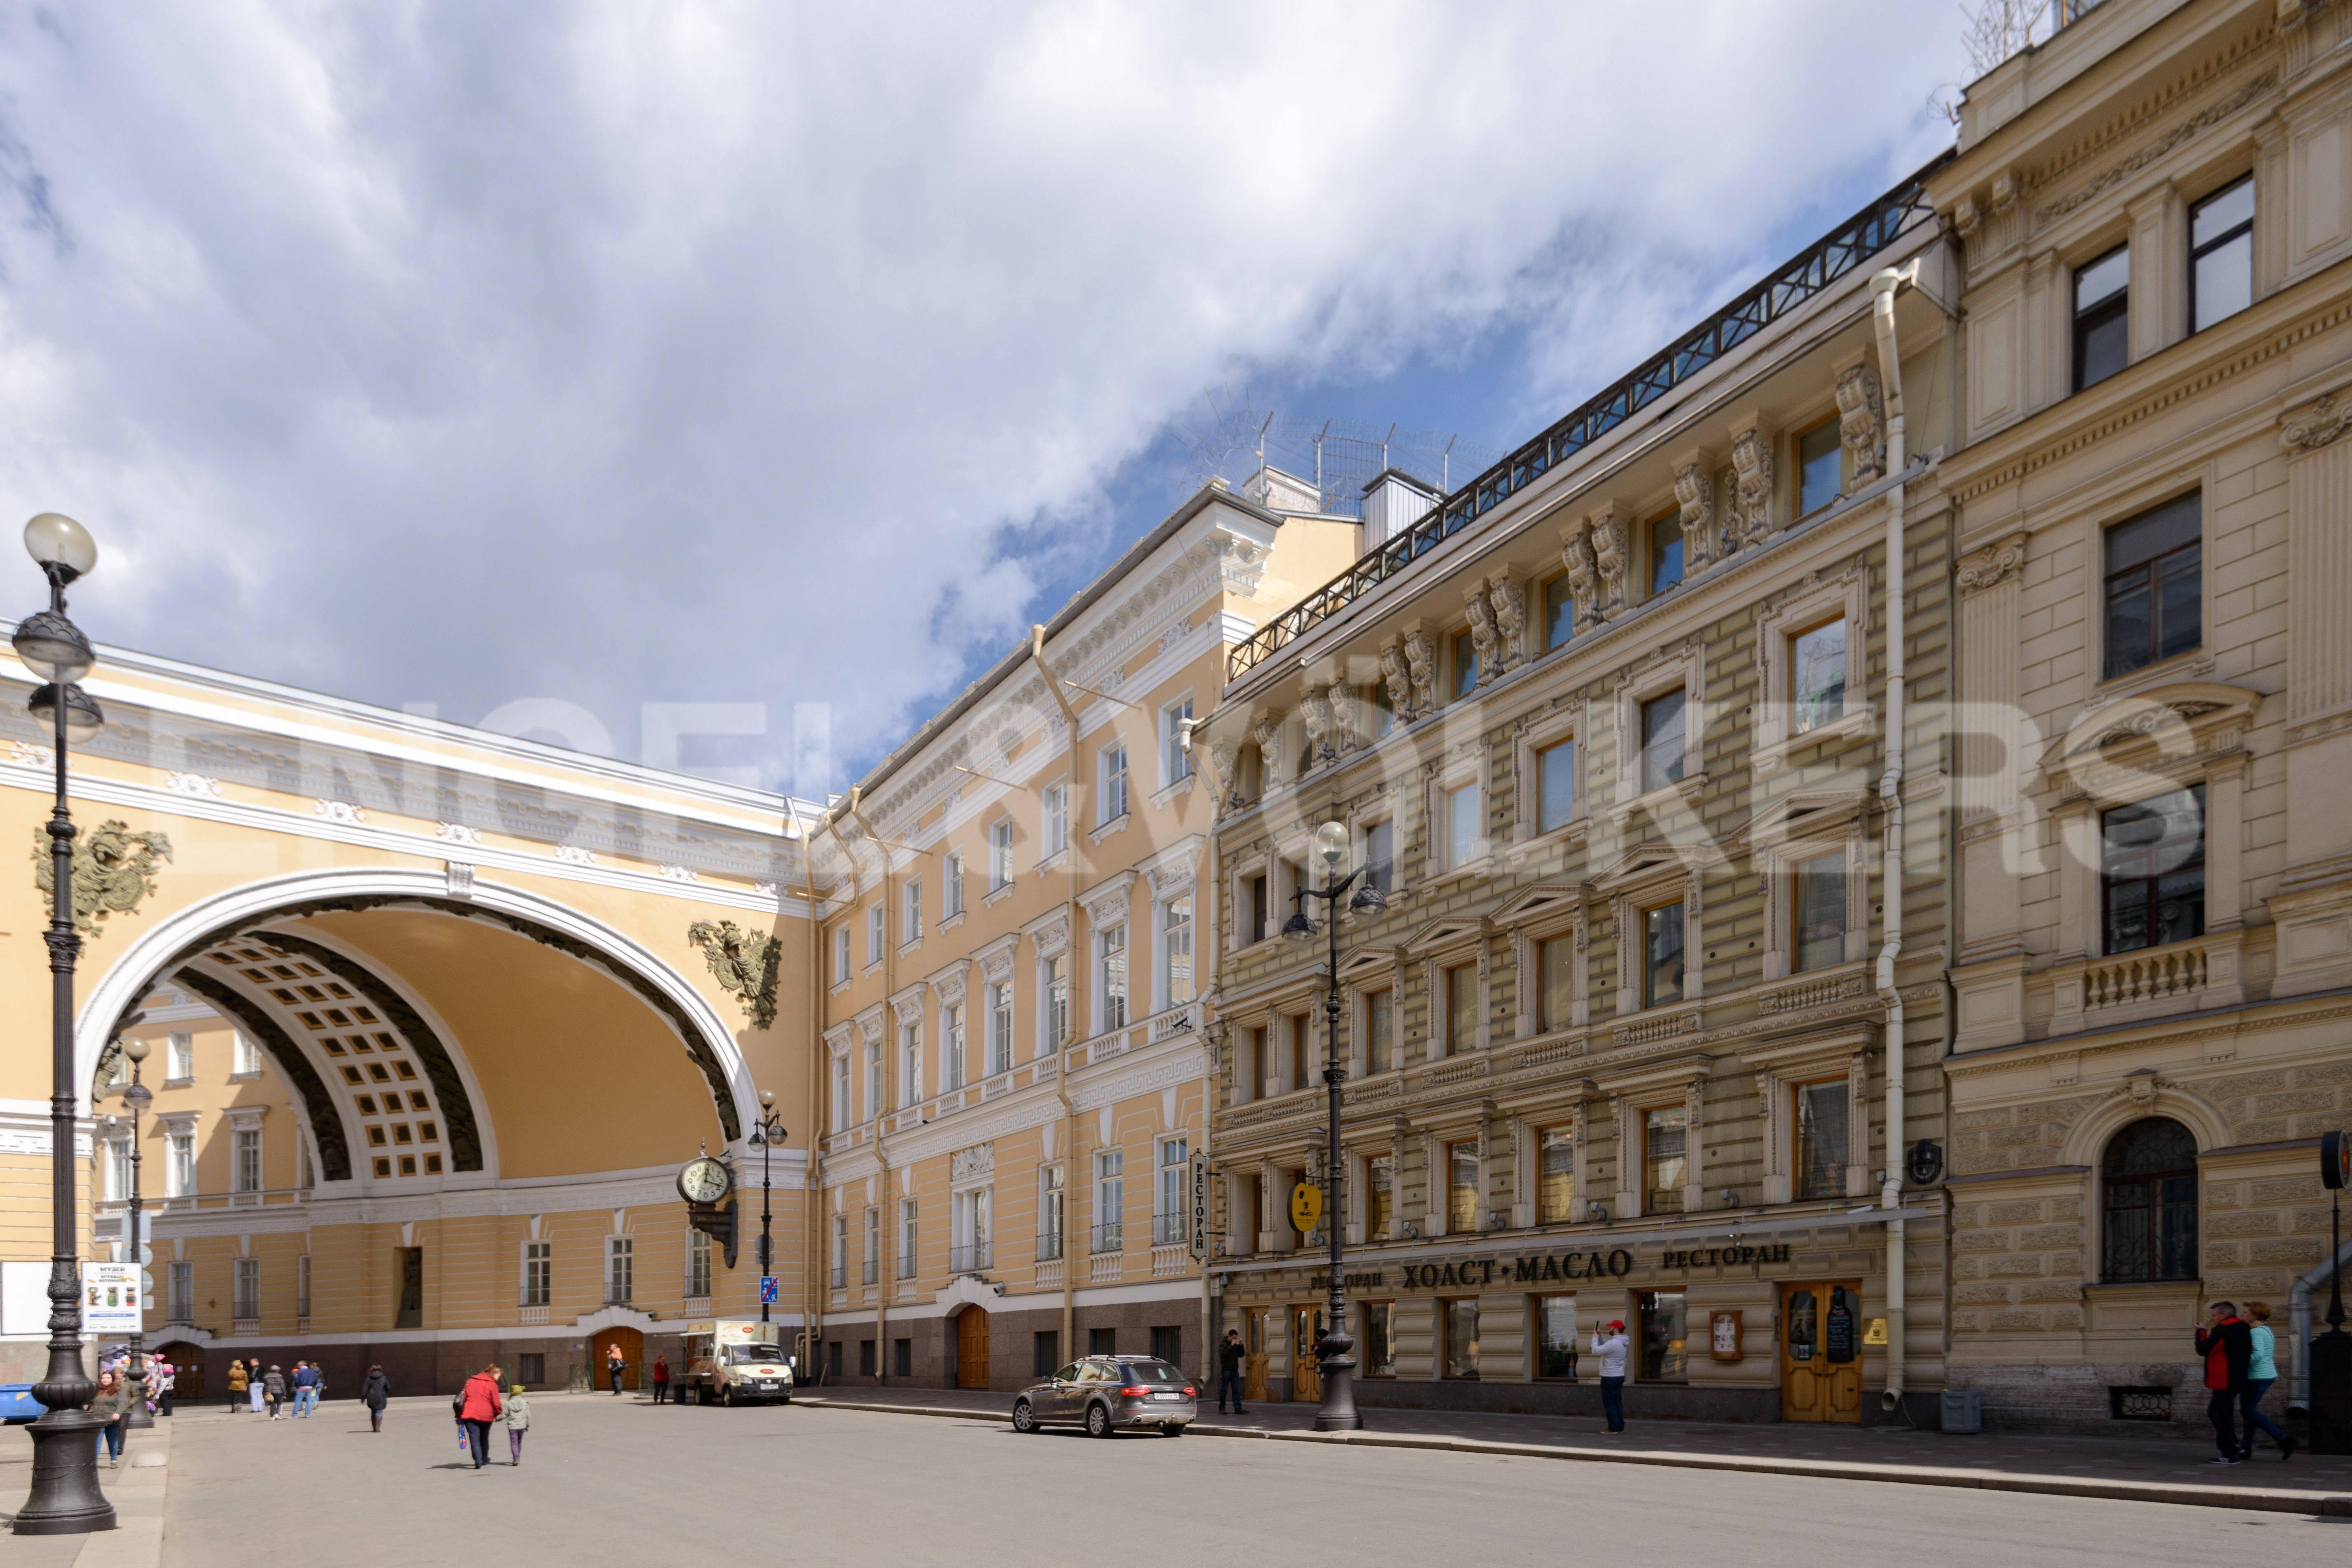 Элитные квартиры в Центральном районе. Санкт-Петербург, Большая Морская, 4. Дом примыкает к Зданию Главного штаба